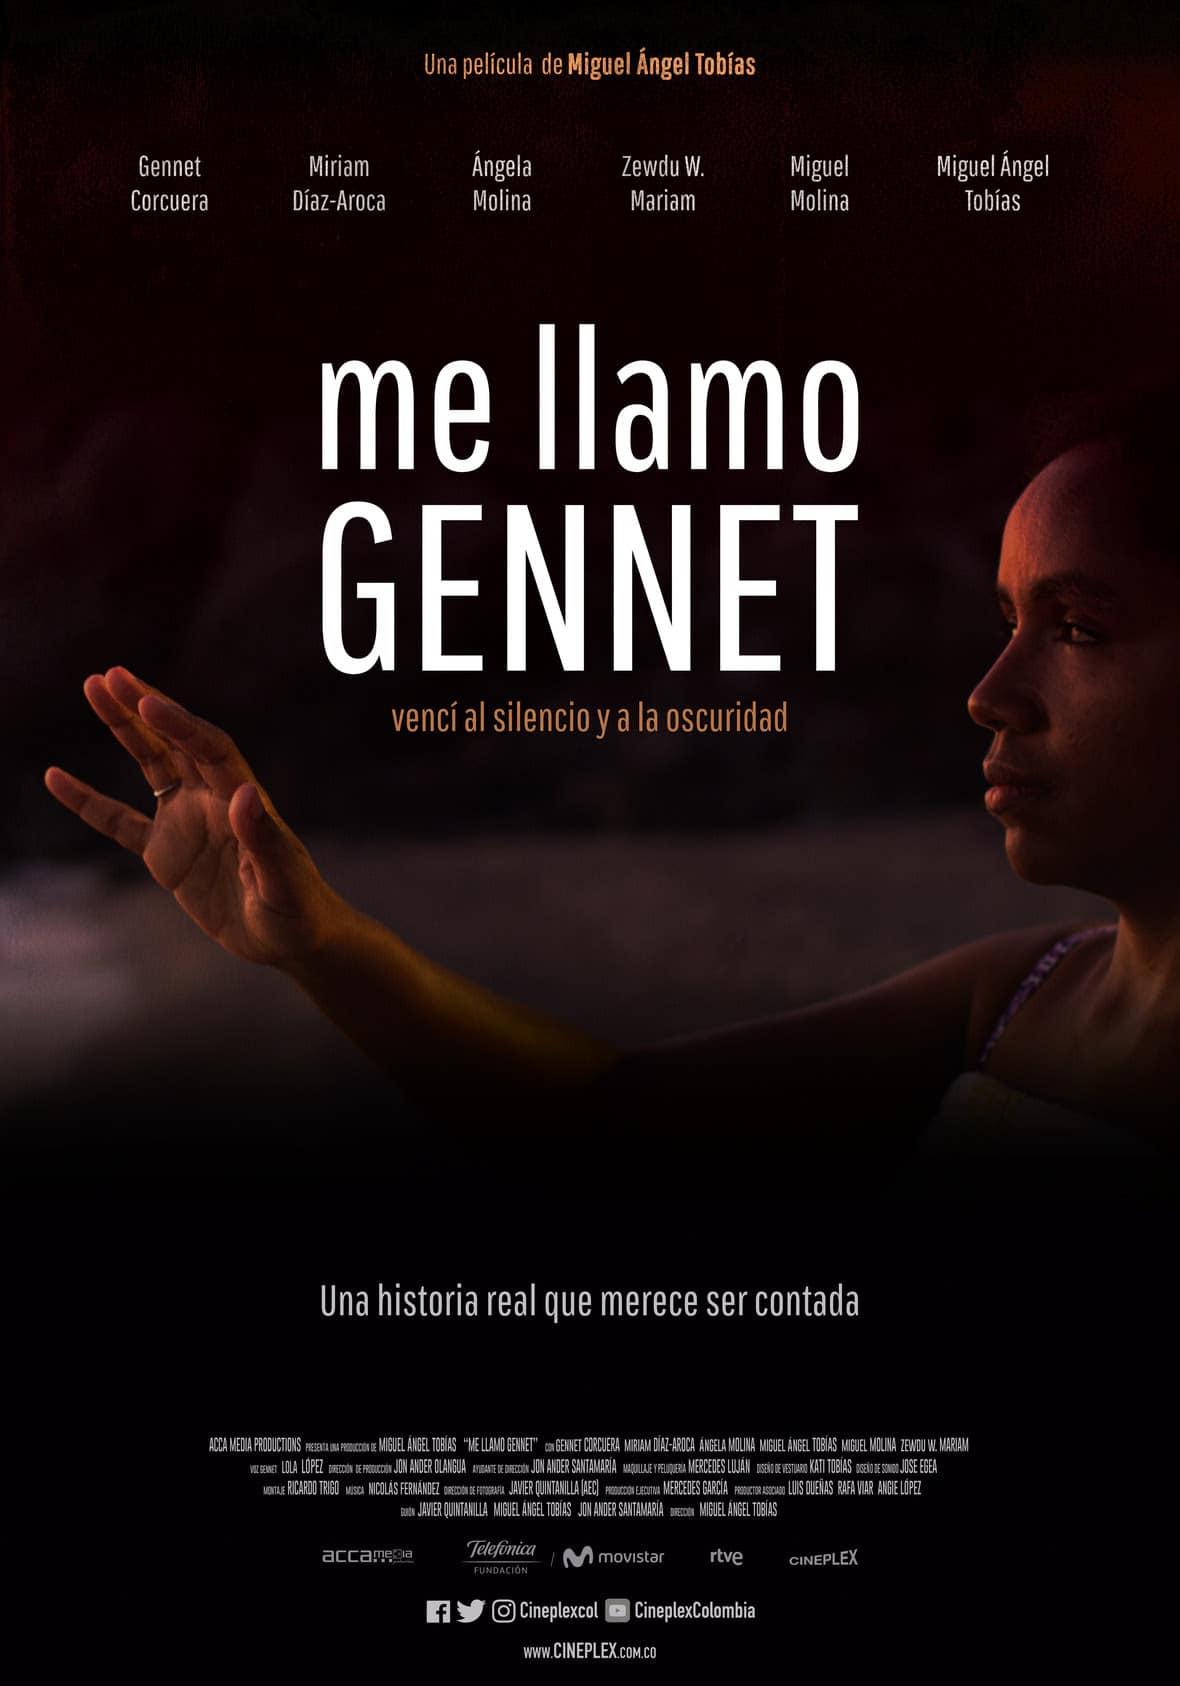 me llamo gennet estreno pelicula